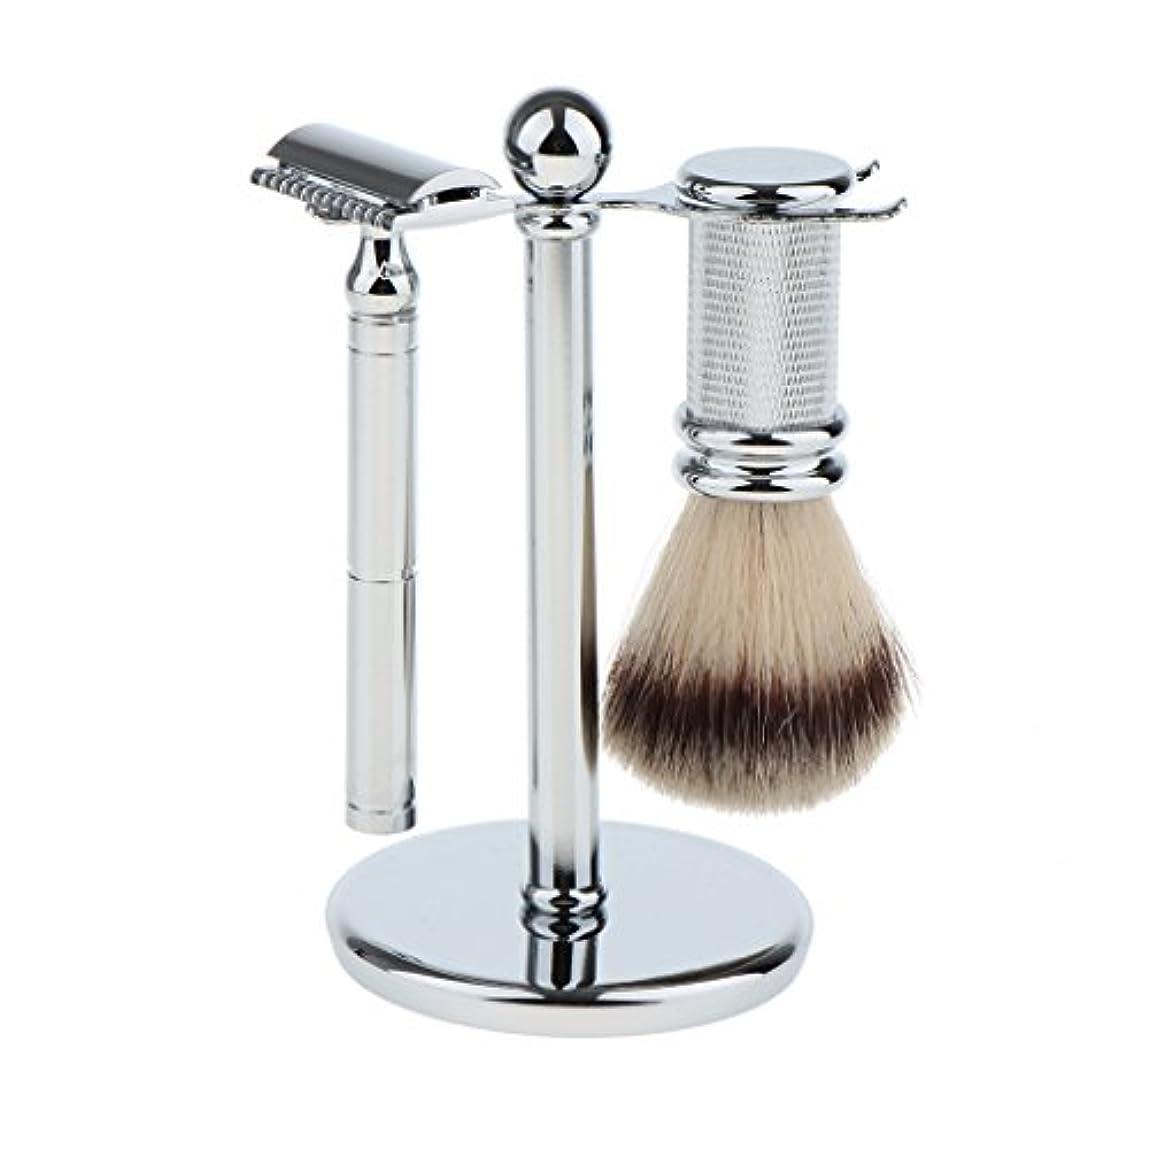 リットルベル魅力的Kesoto スタンド ブラシ マニュアルシェーバー 3本セット 男性用 シェービング ブラシスタンド マニュアル ダブルエッジ 安全剃刀